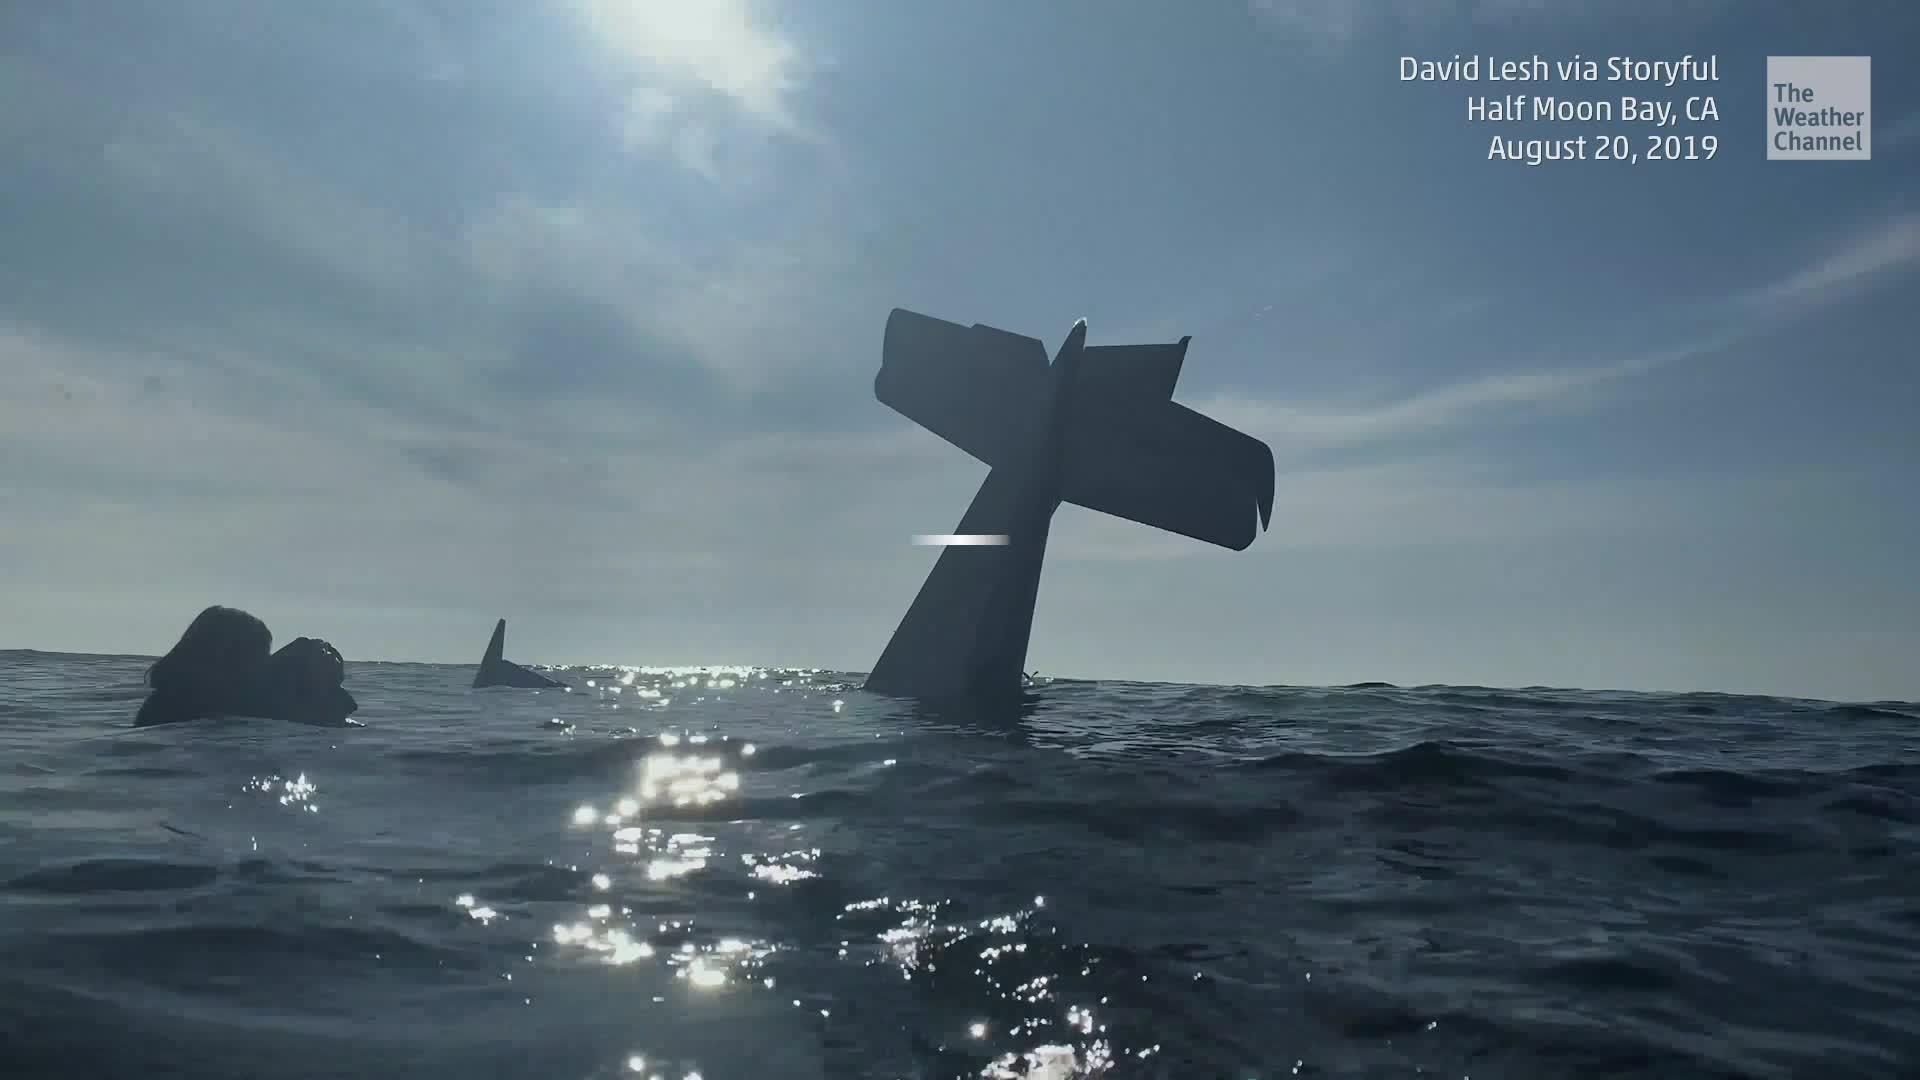 Un piloto se vio obligado a aterrizar de emergencia con un pasajero a bordo en el océano frente a la costa del norte de California. Afortunadamente, un helicóptero de la Guardia Costera de los Estados Unidos respondió rápidamente y los rescató.